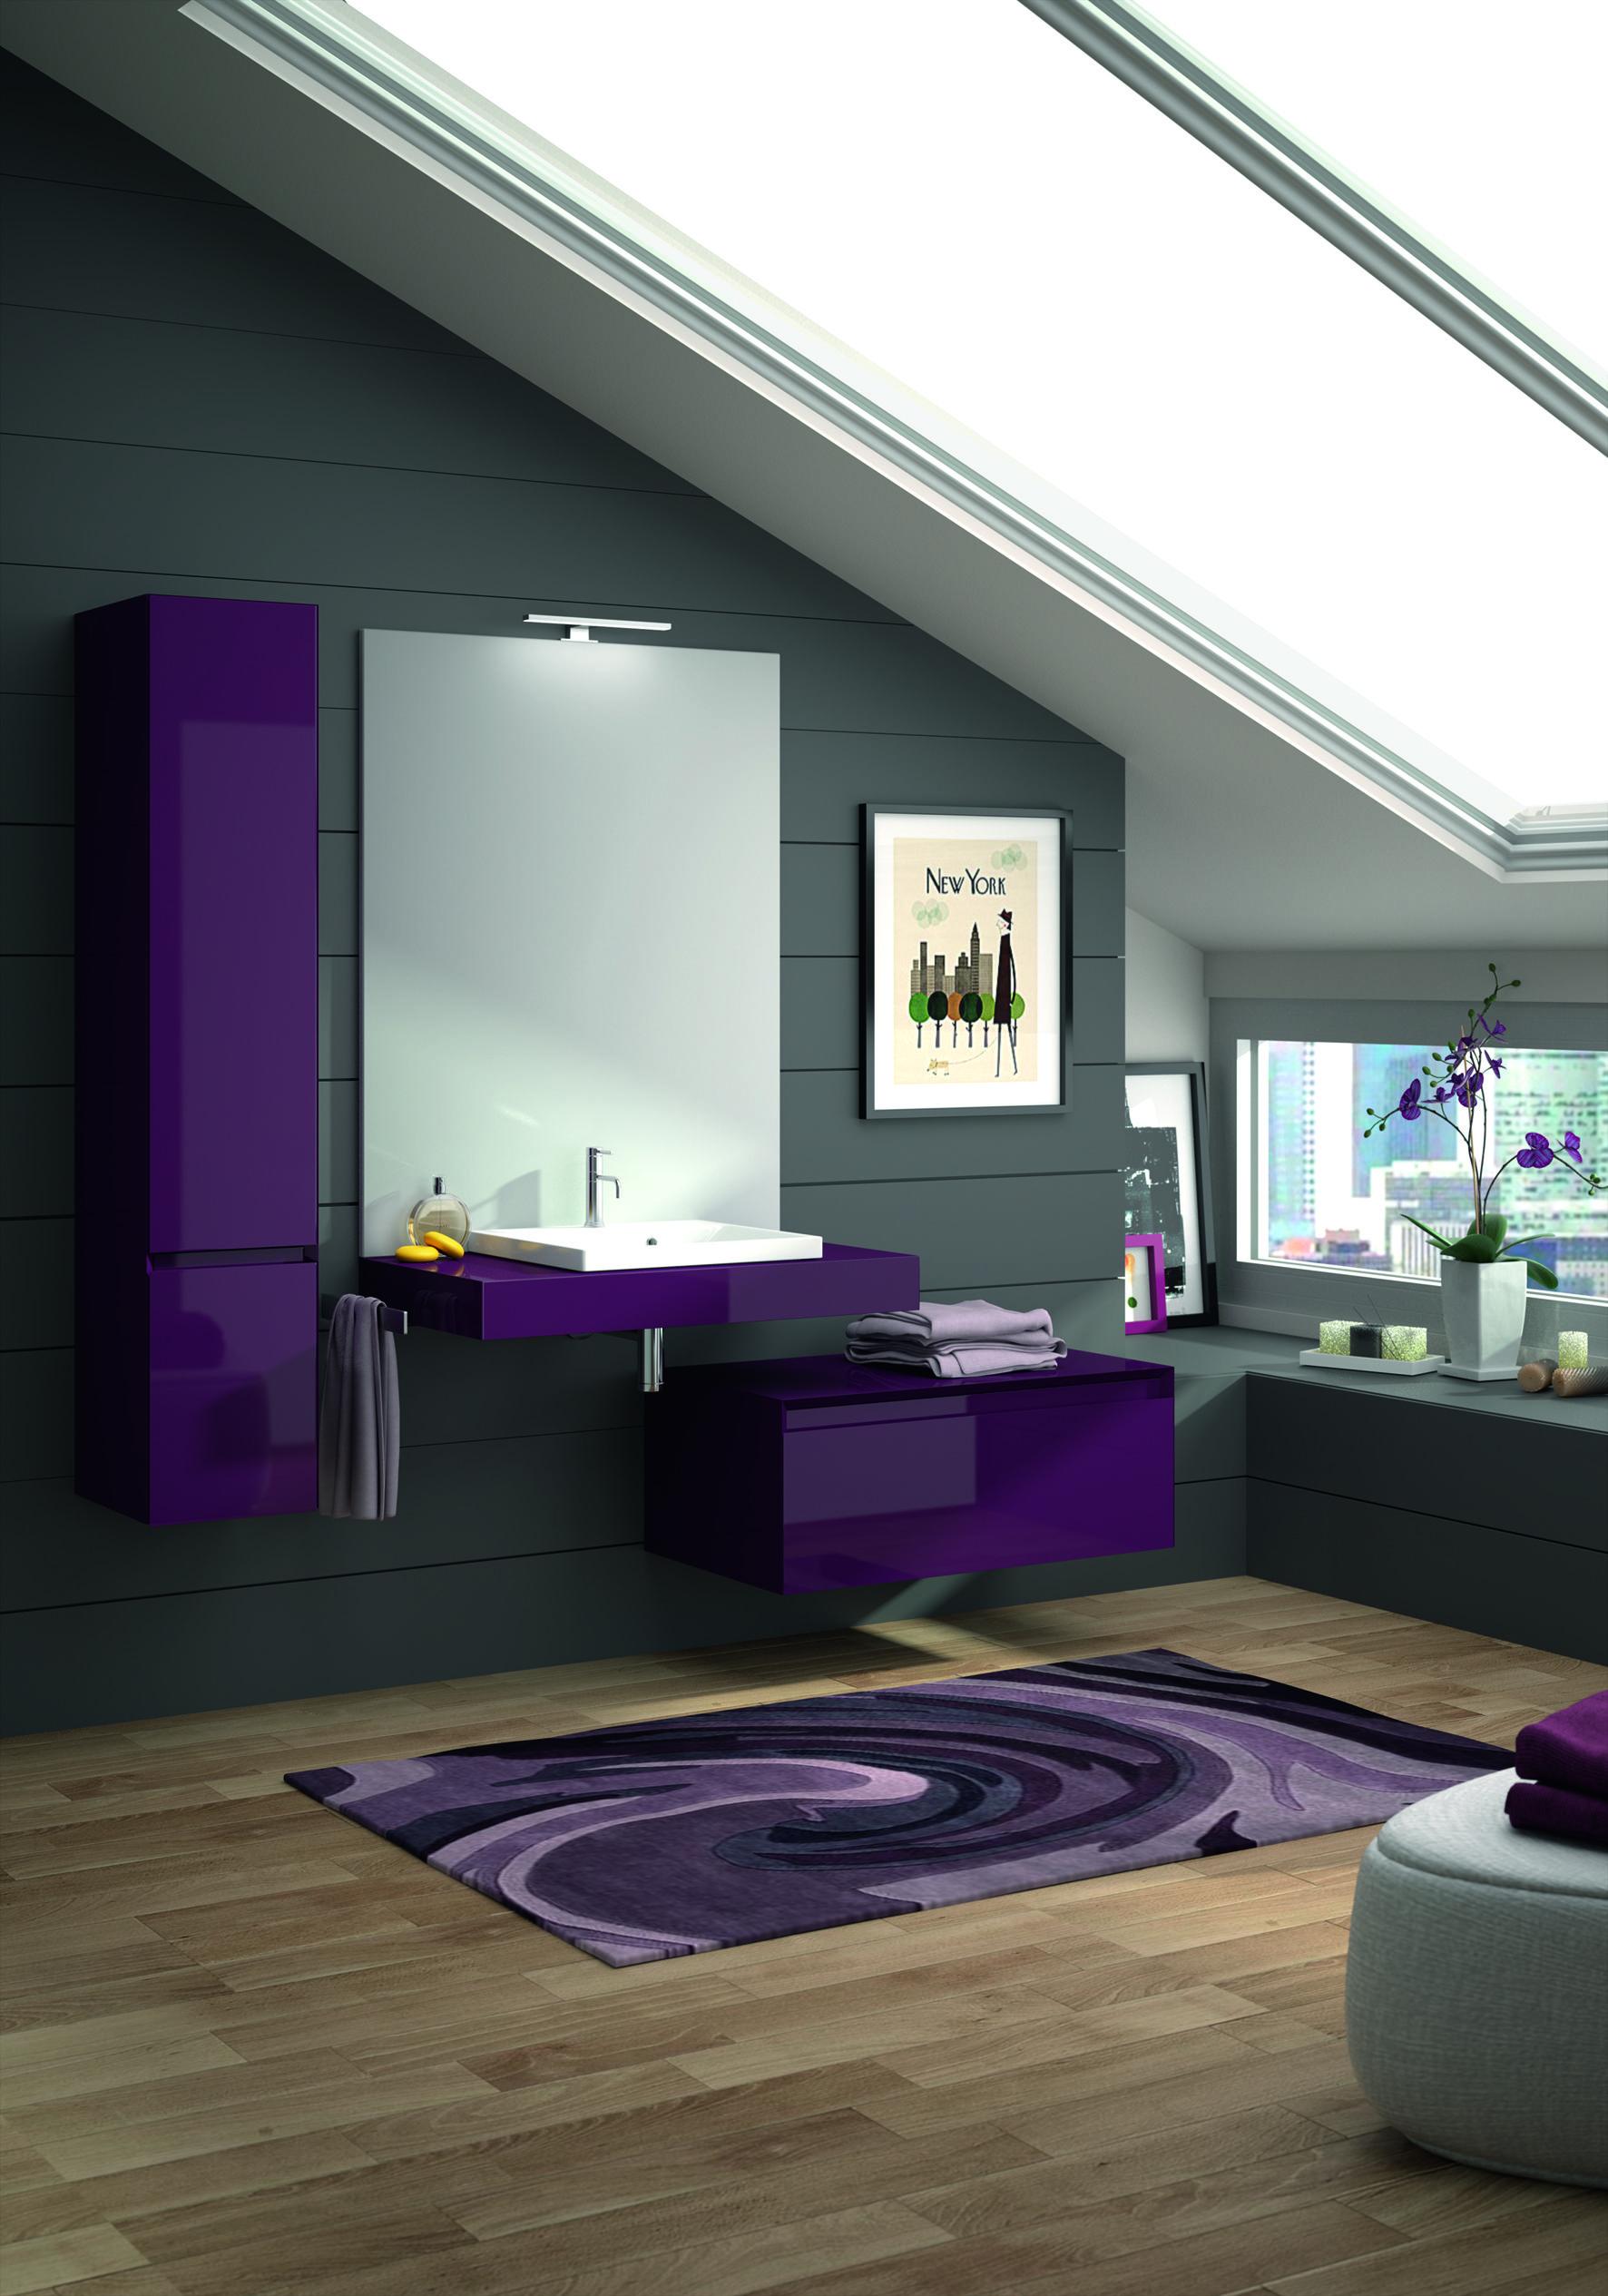 Salle De Bain Allemagne meuble de salle de bain cedam - gamme plazza entièrement